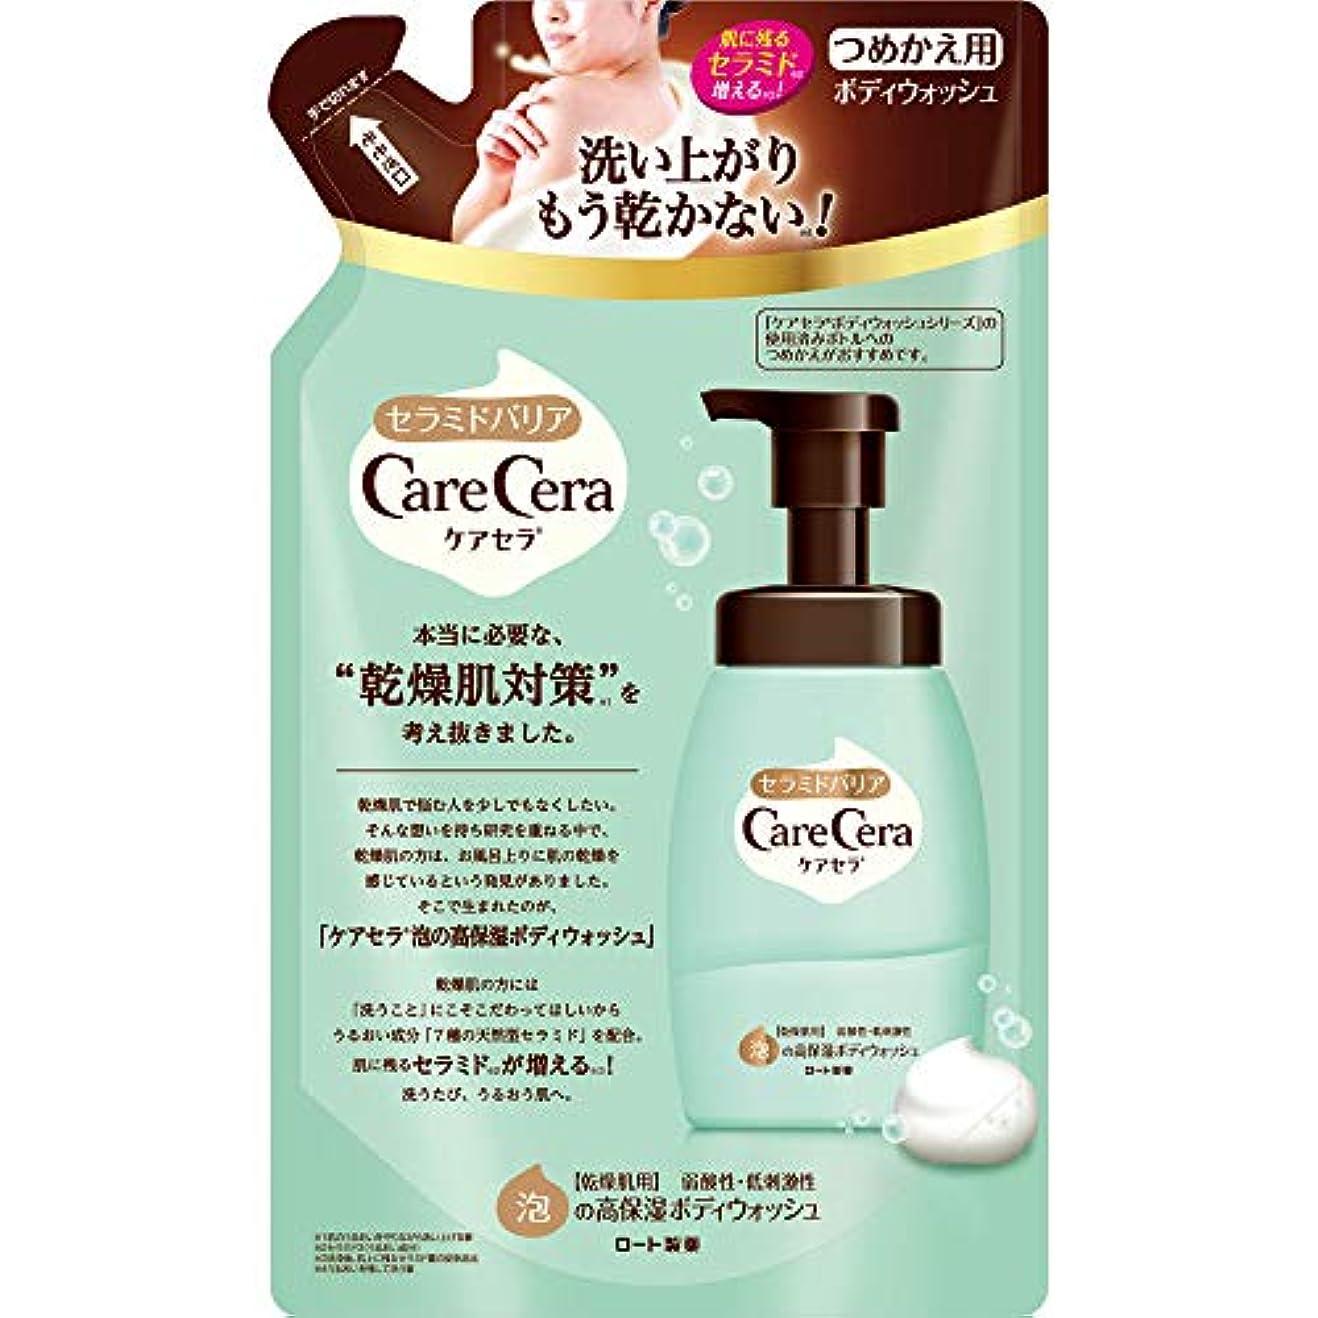 巨大約ご飯CareCera(ケアセラ) 泡の高保湿 ボディウォッシュ 詰め替え 350mL